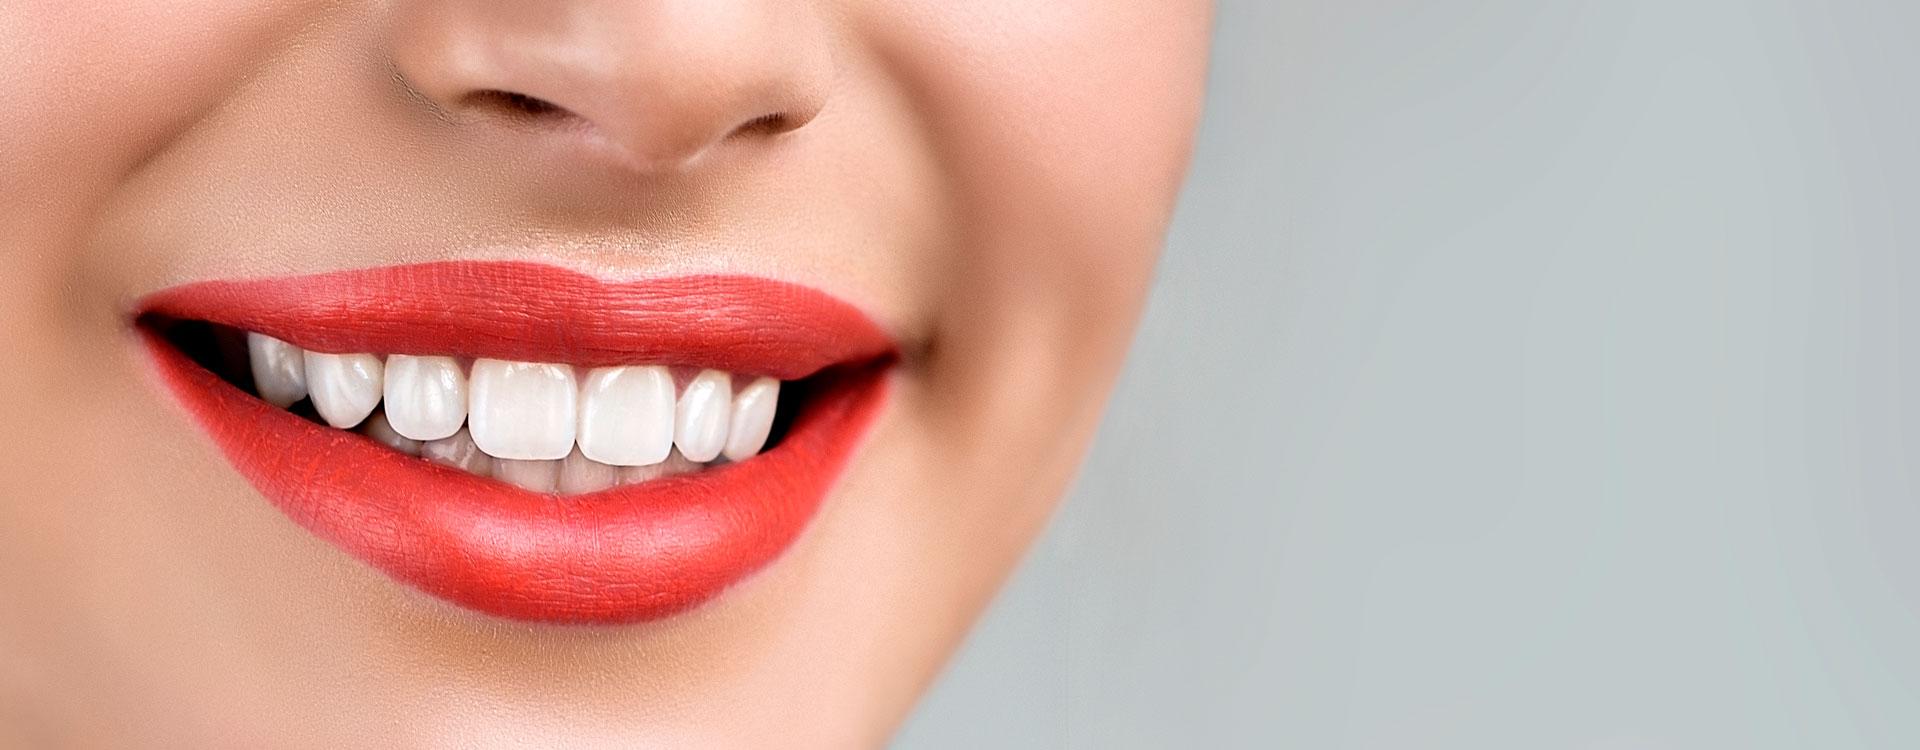 Несколько познавательных фактов о наших зубах